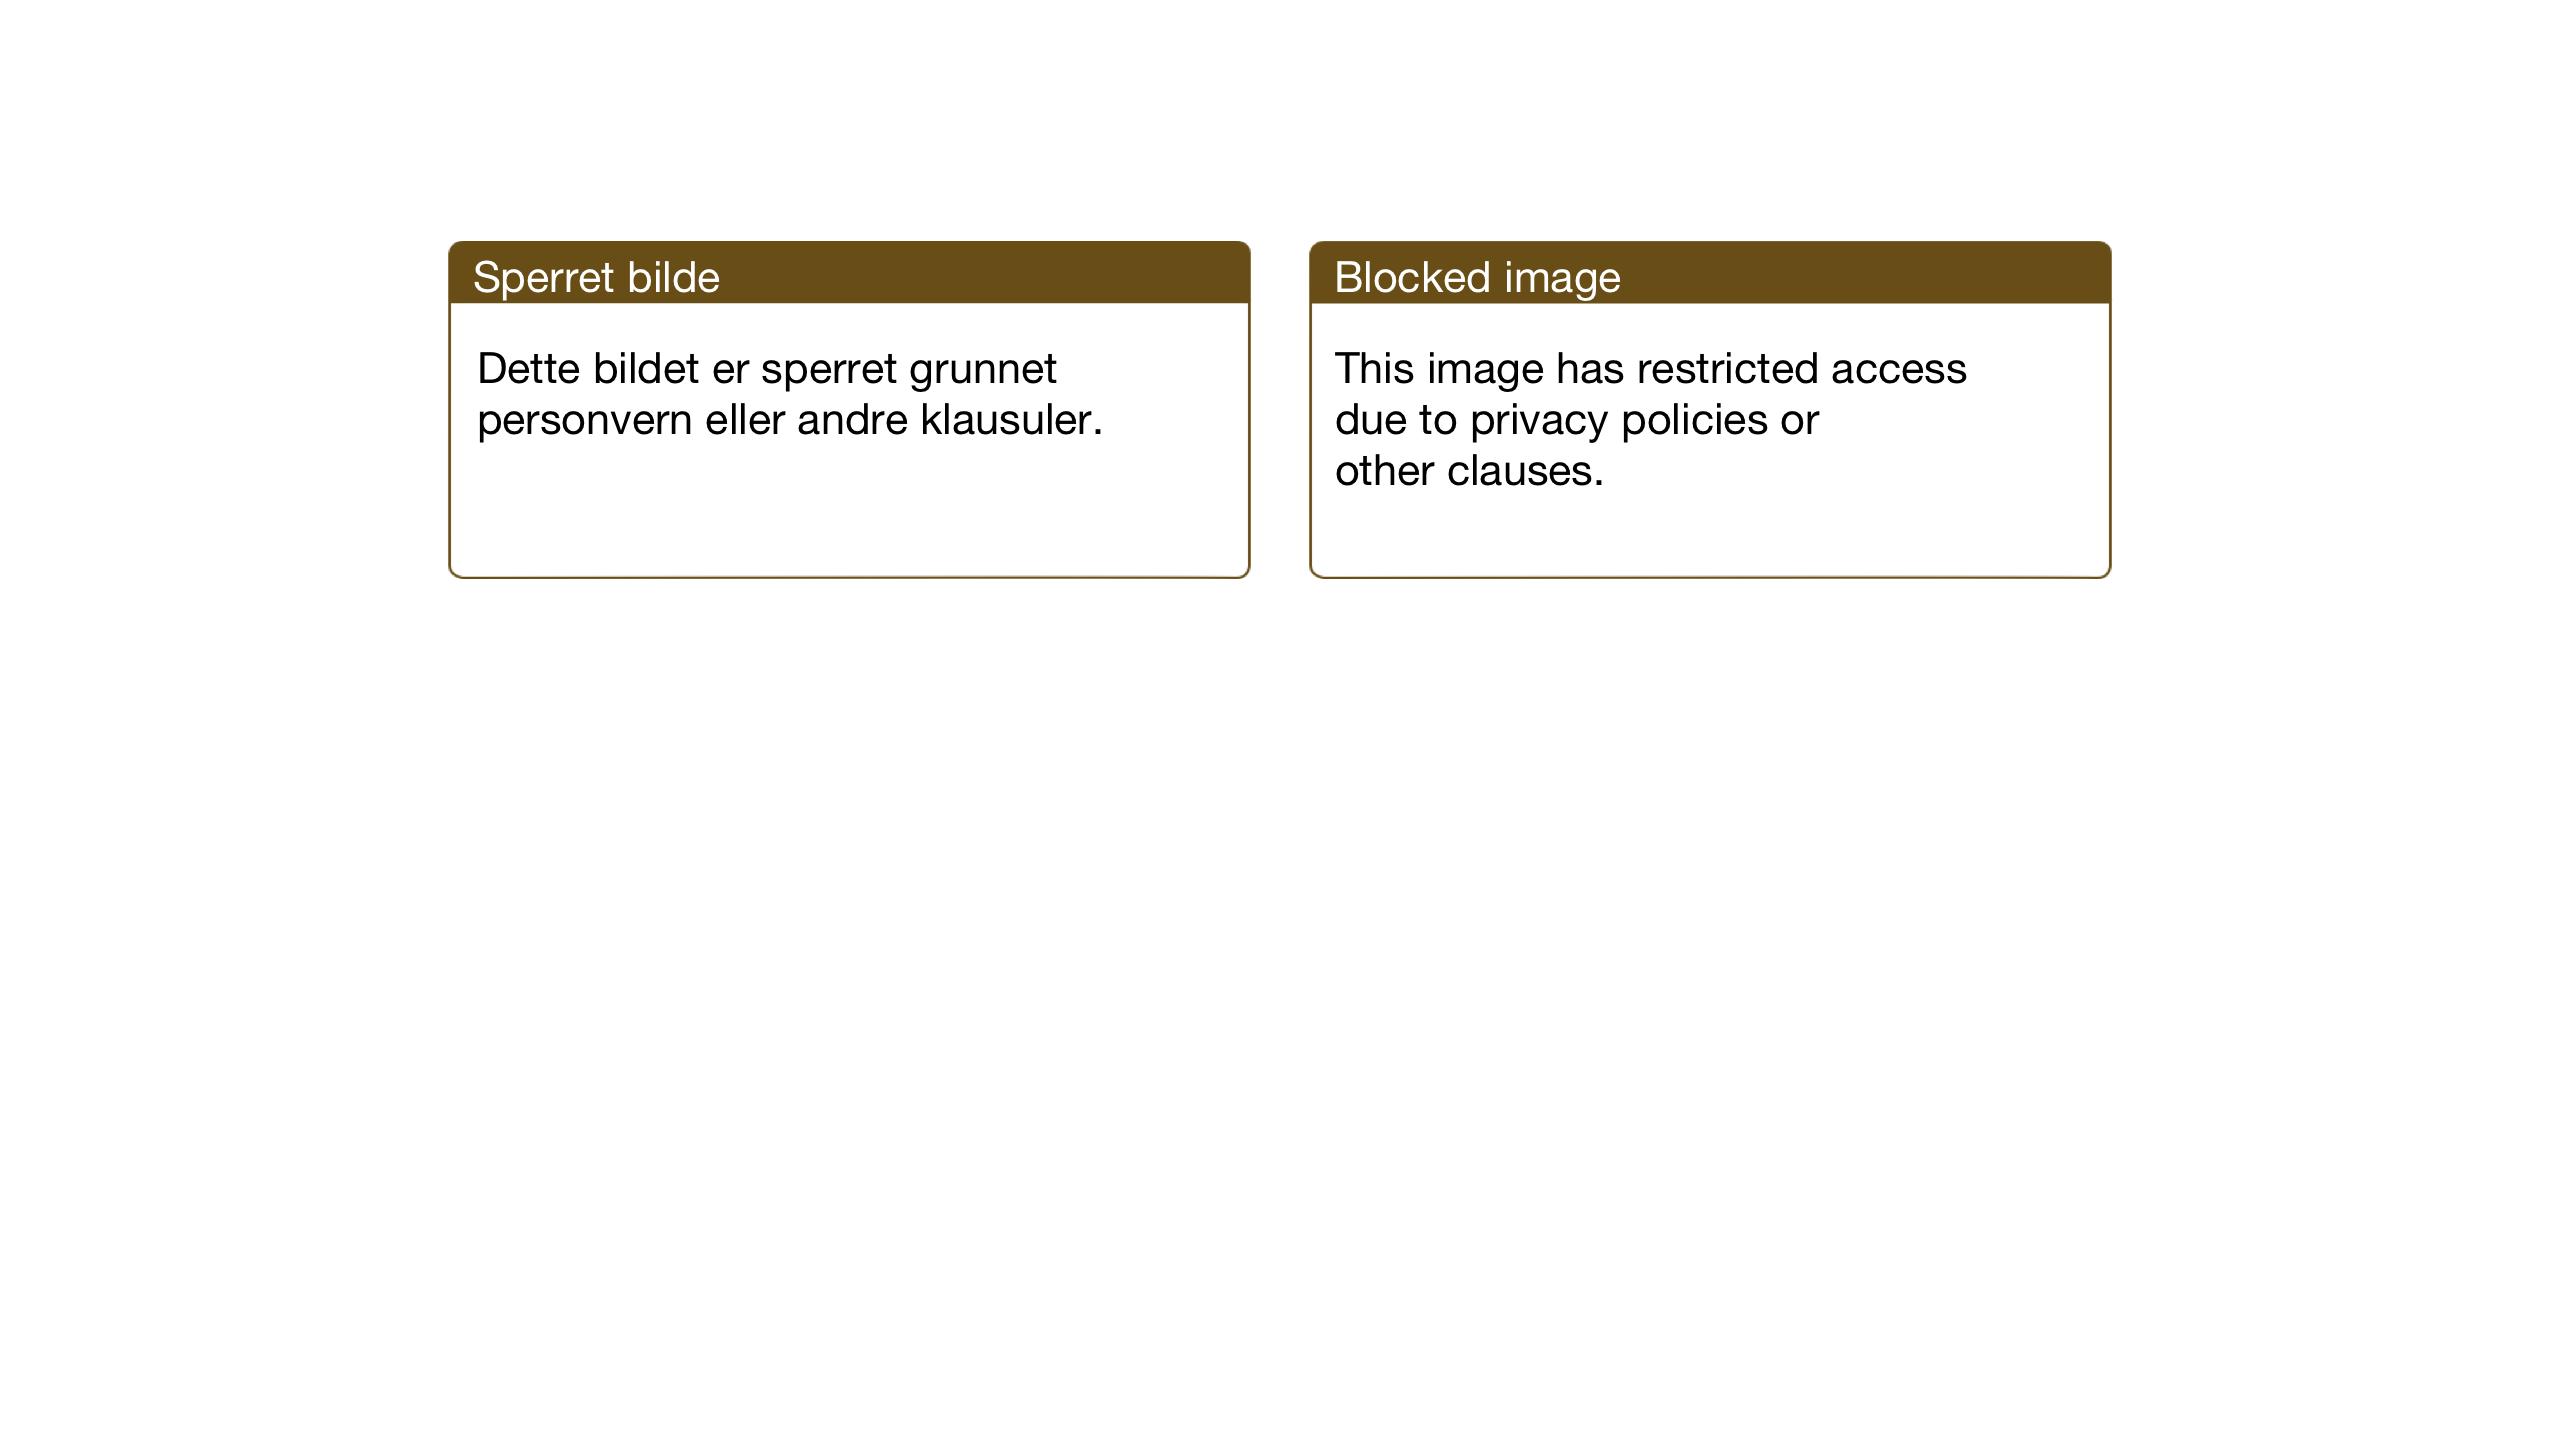 SAT, Ministerialprotokoller, klokkerbøker og fødselsregistre - Sør-Trøndelag, 602/L0151: Klokkerbok nr. 602C19, 1925-1951, s. 138